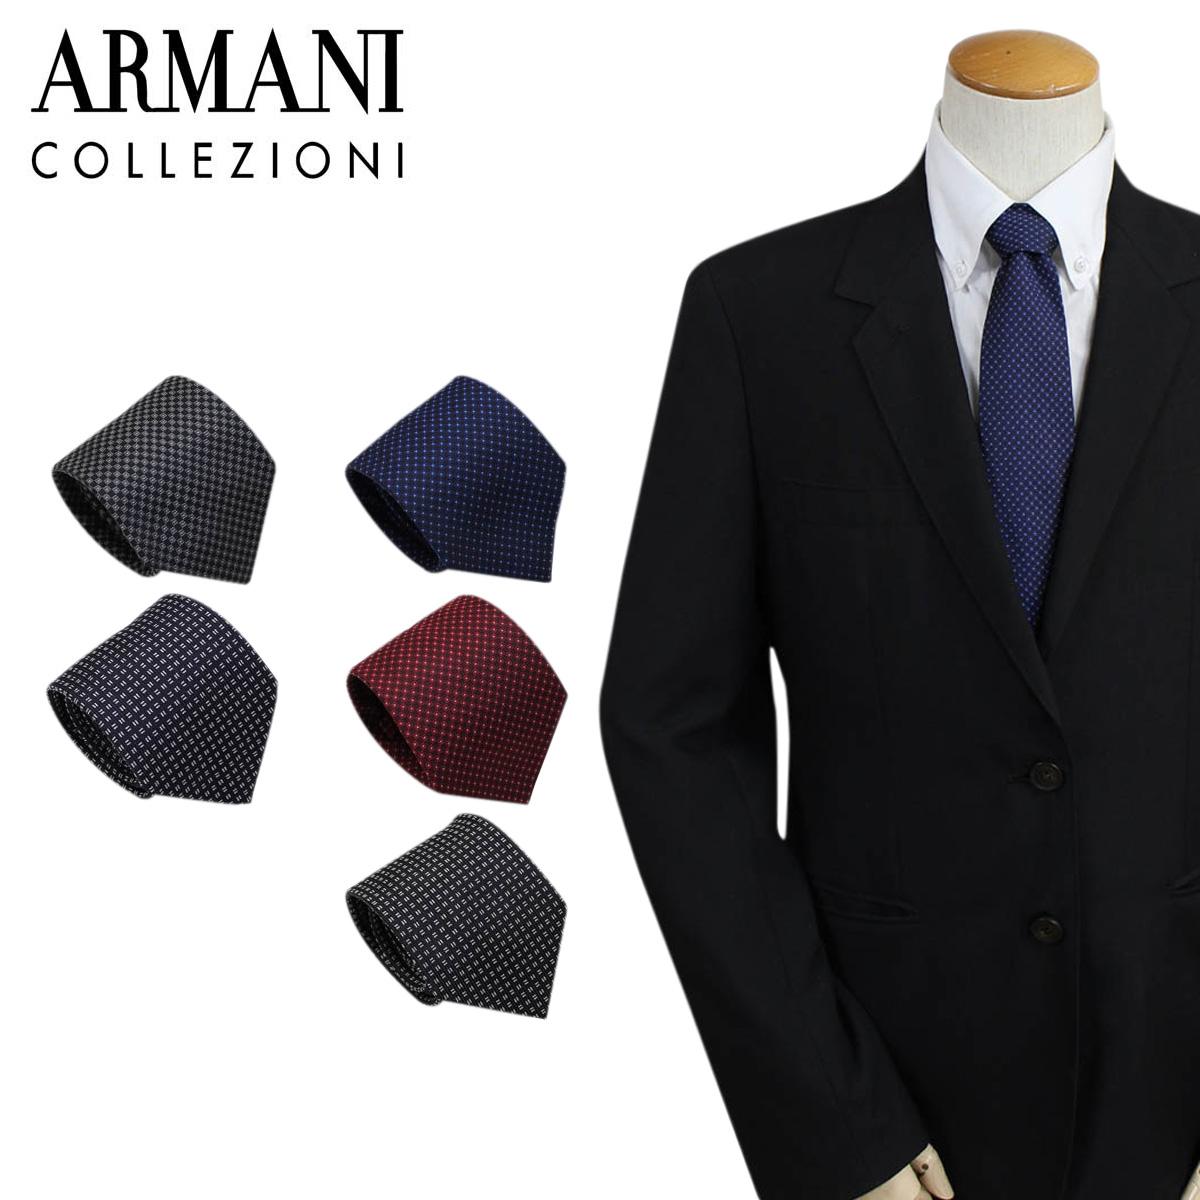 ARMANI COLLEZIONI アルマーニ ネクタイ コレツィオーニ イタリア製 シルク ビジネス 結婚式 メンズ